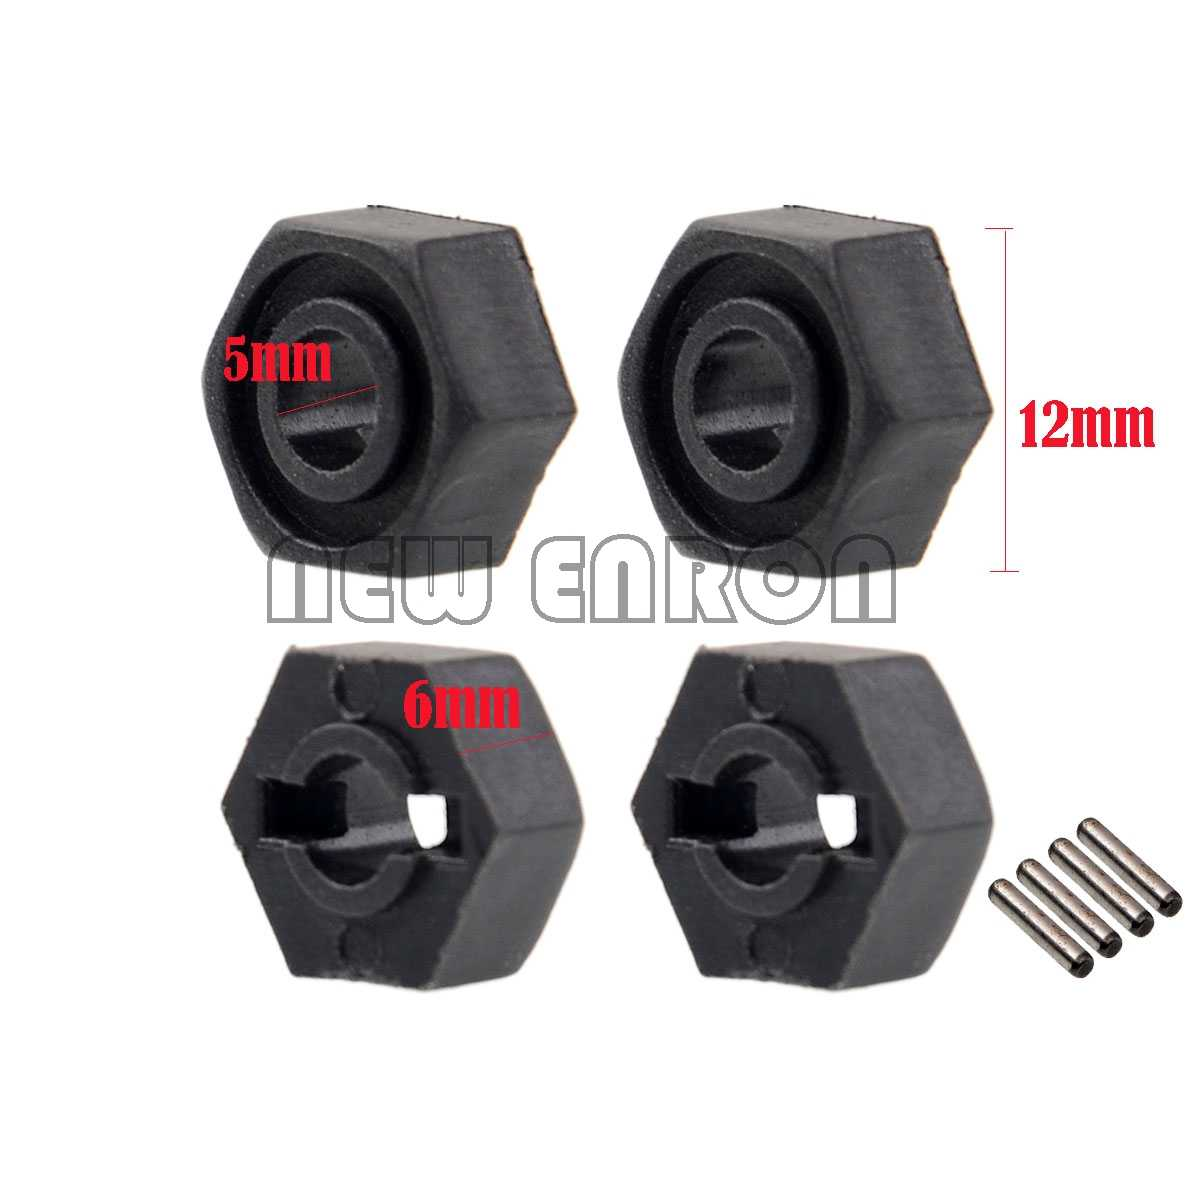 ใหม่ ENRON ล้อ Hex W/Pins (2 * * * * * * * 10) R86050 RC Crawler RGT 1/10 Monster Truck Off Road Rock Cruiser EX86100